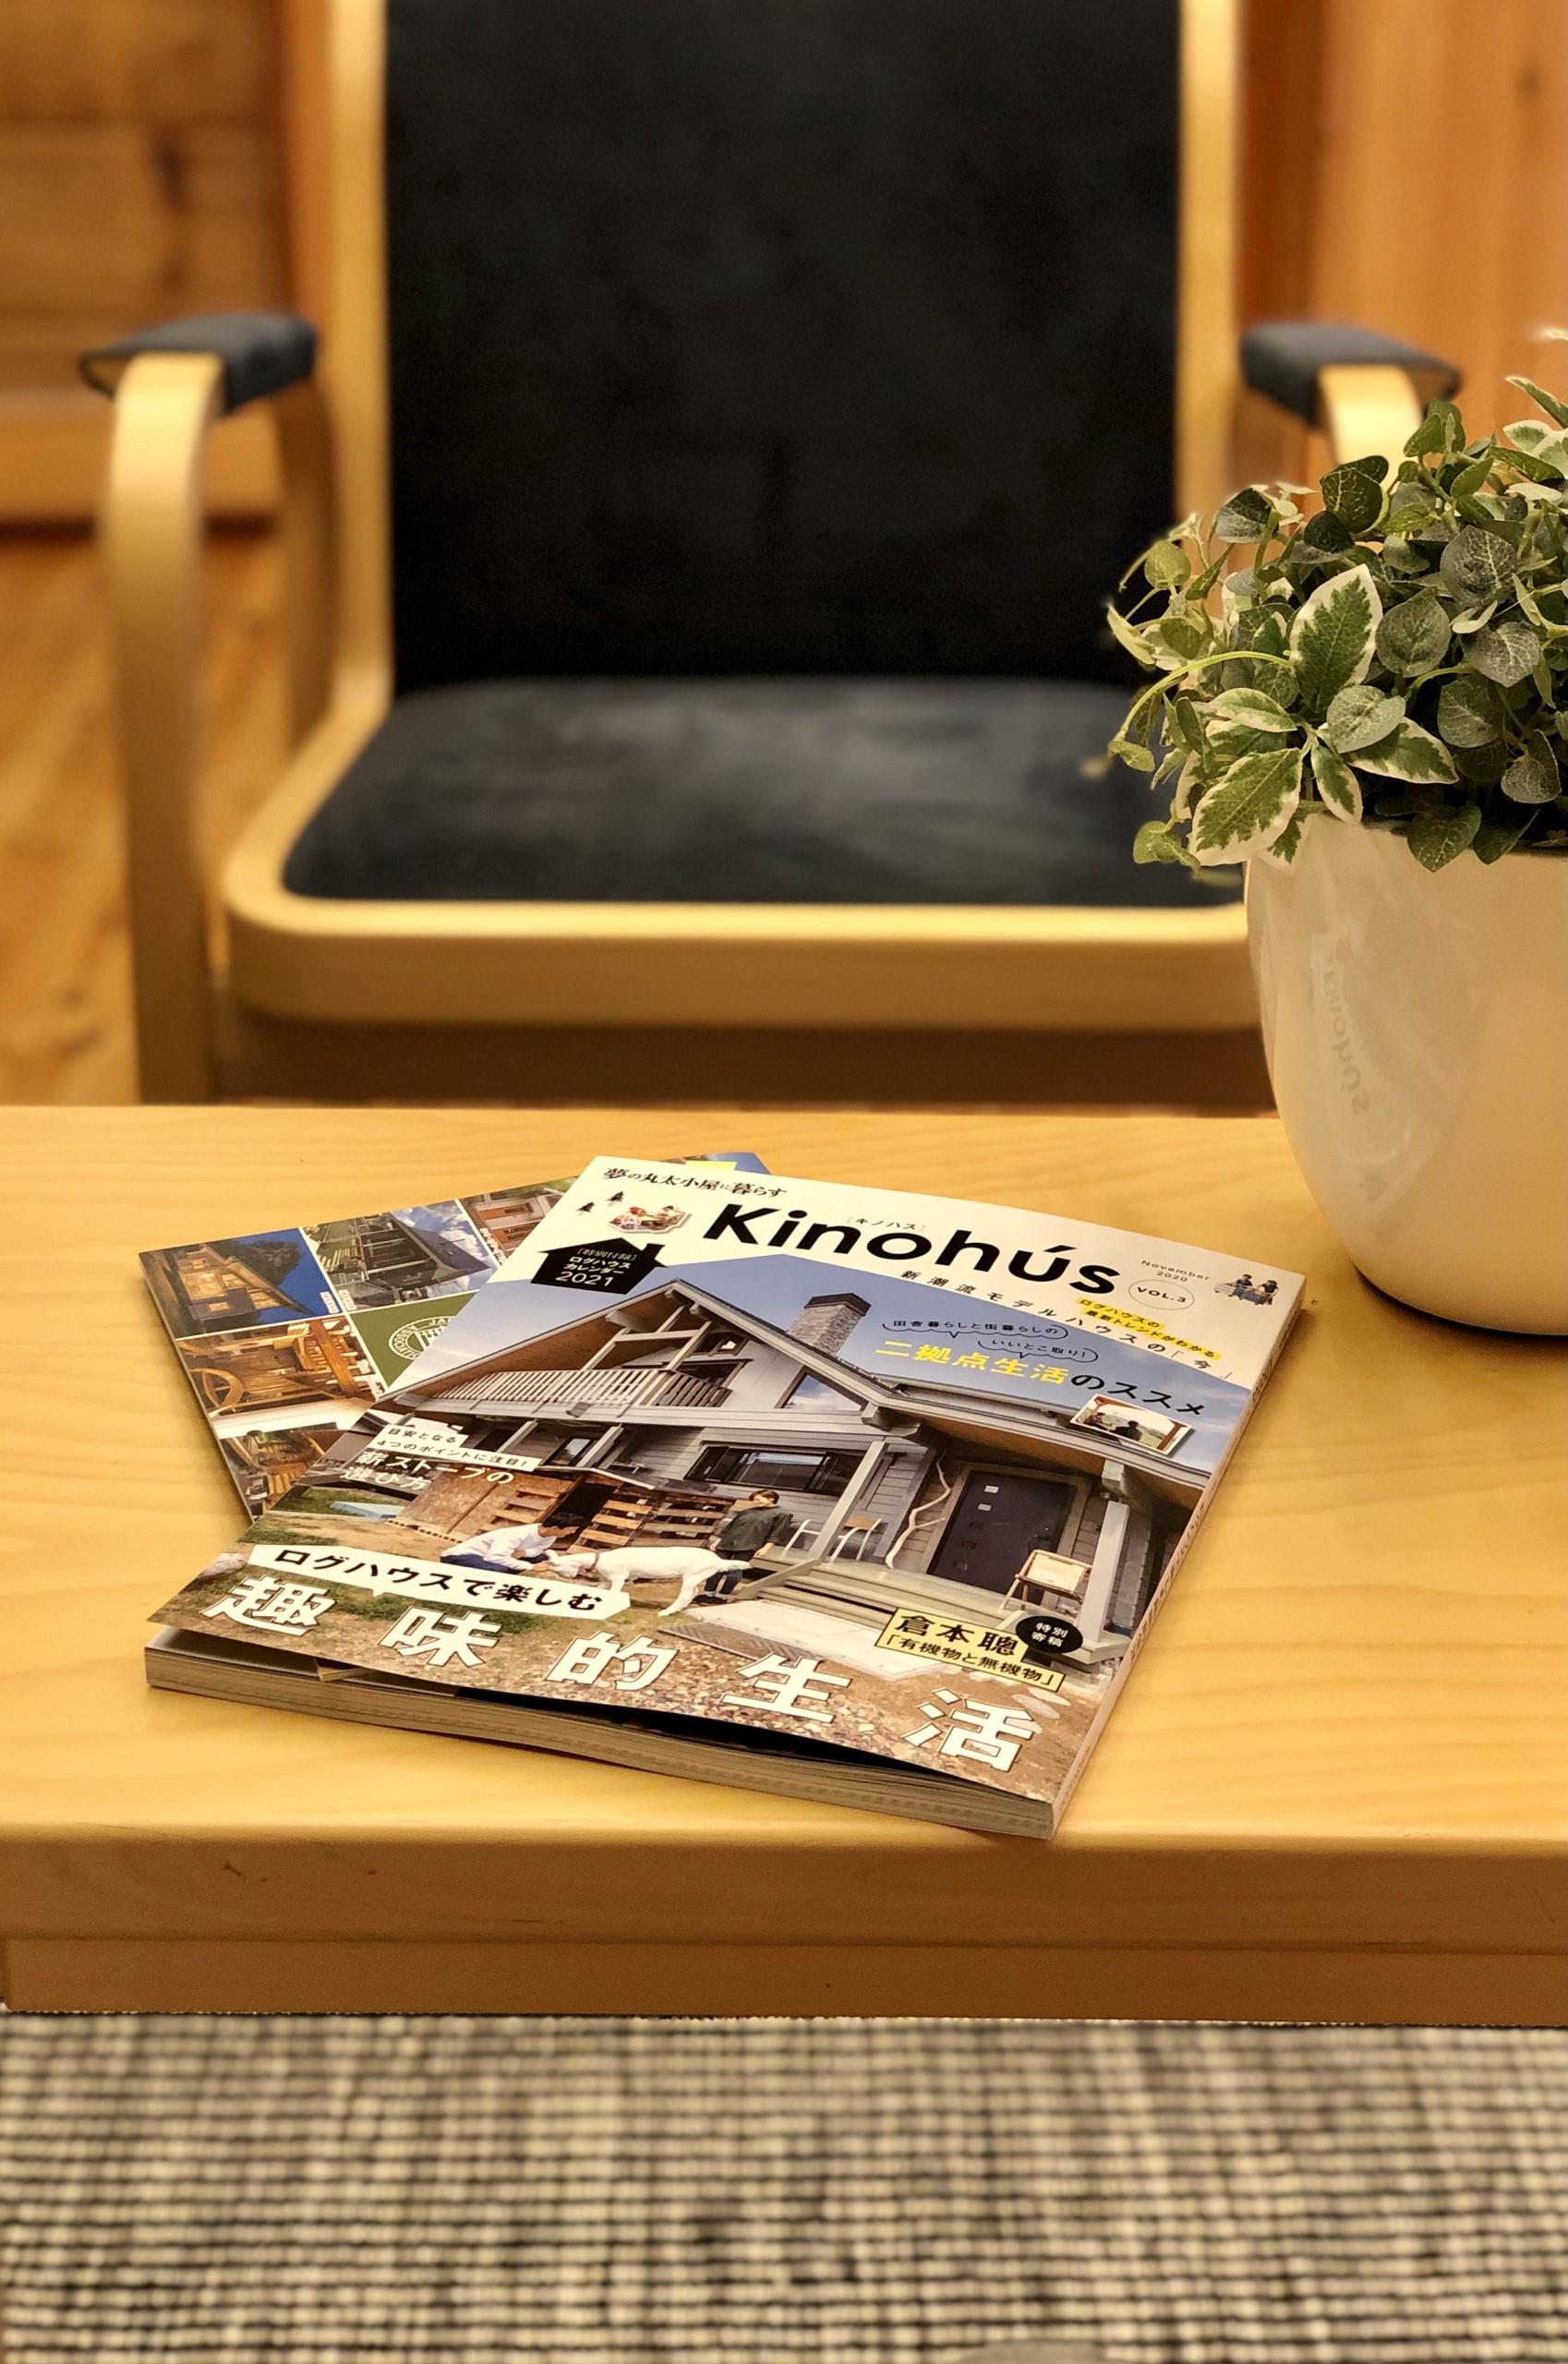 ログハウス専門誌Kinohús(キノハス)発売!さらにウェブサイトも開設しました!